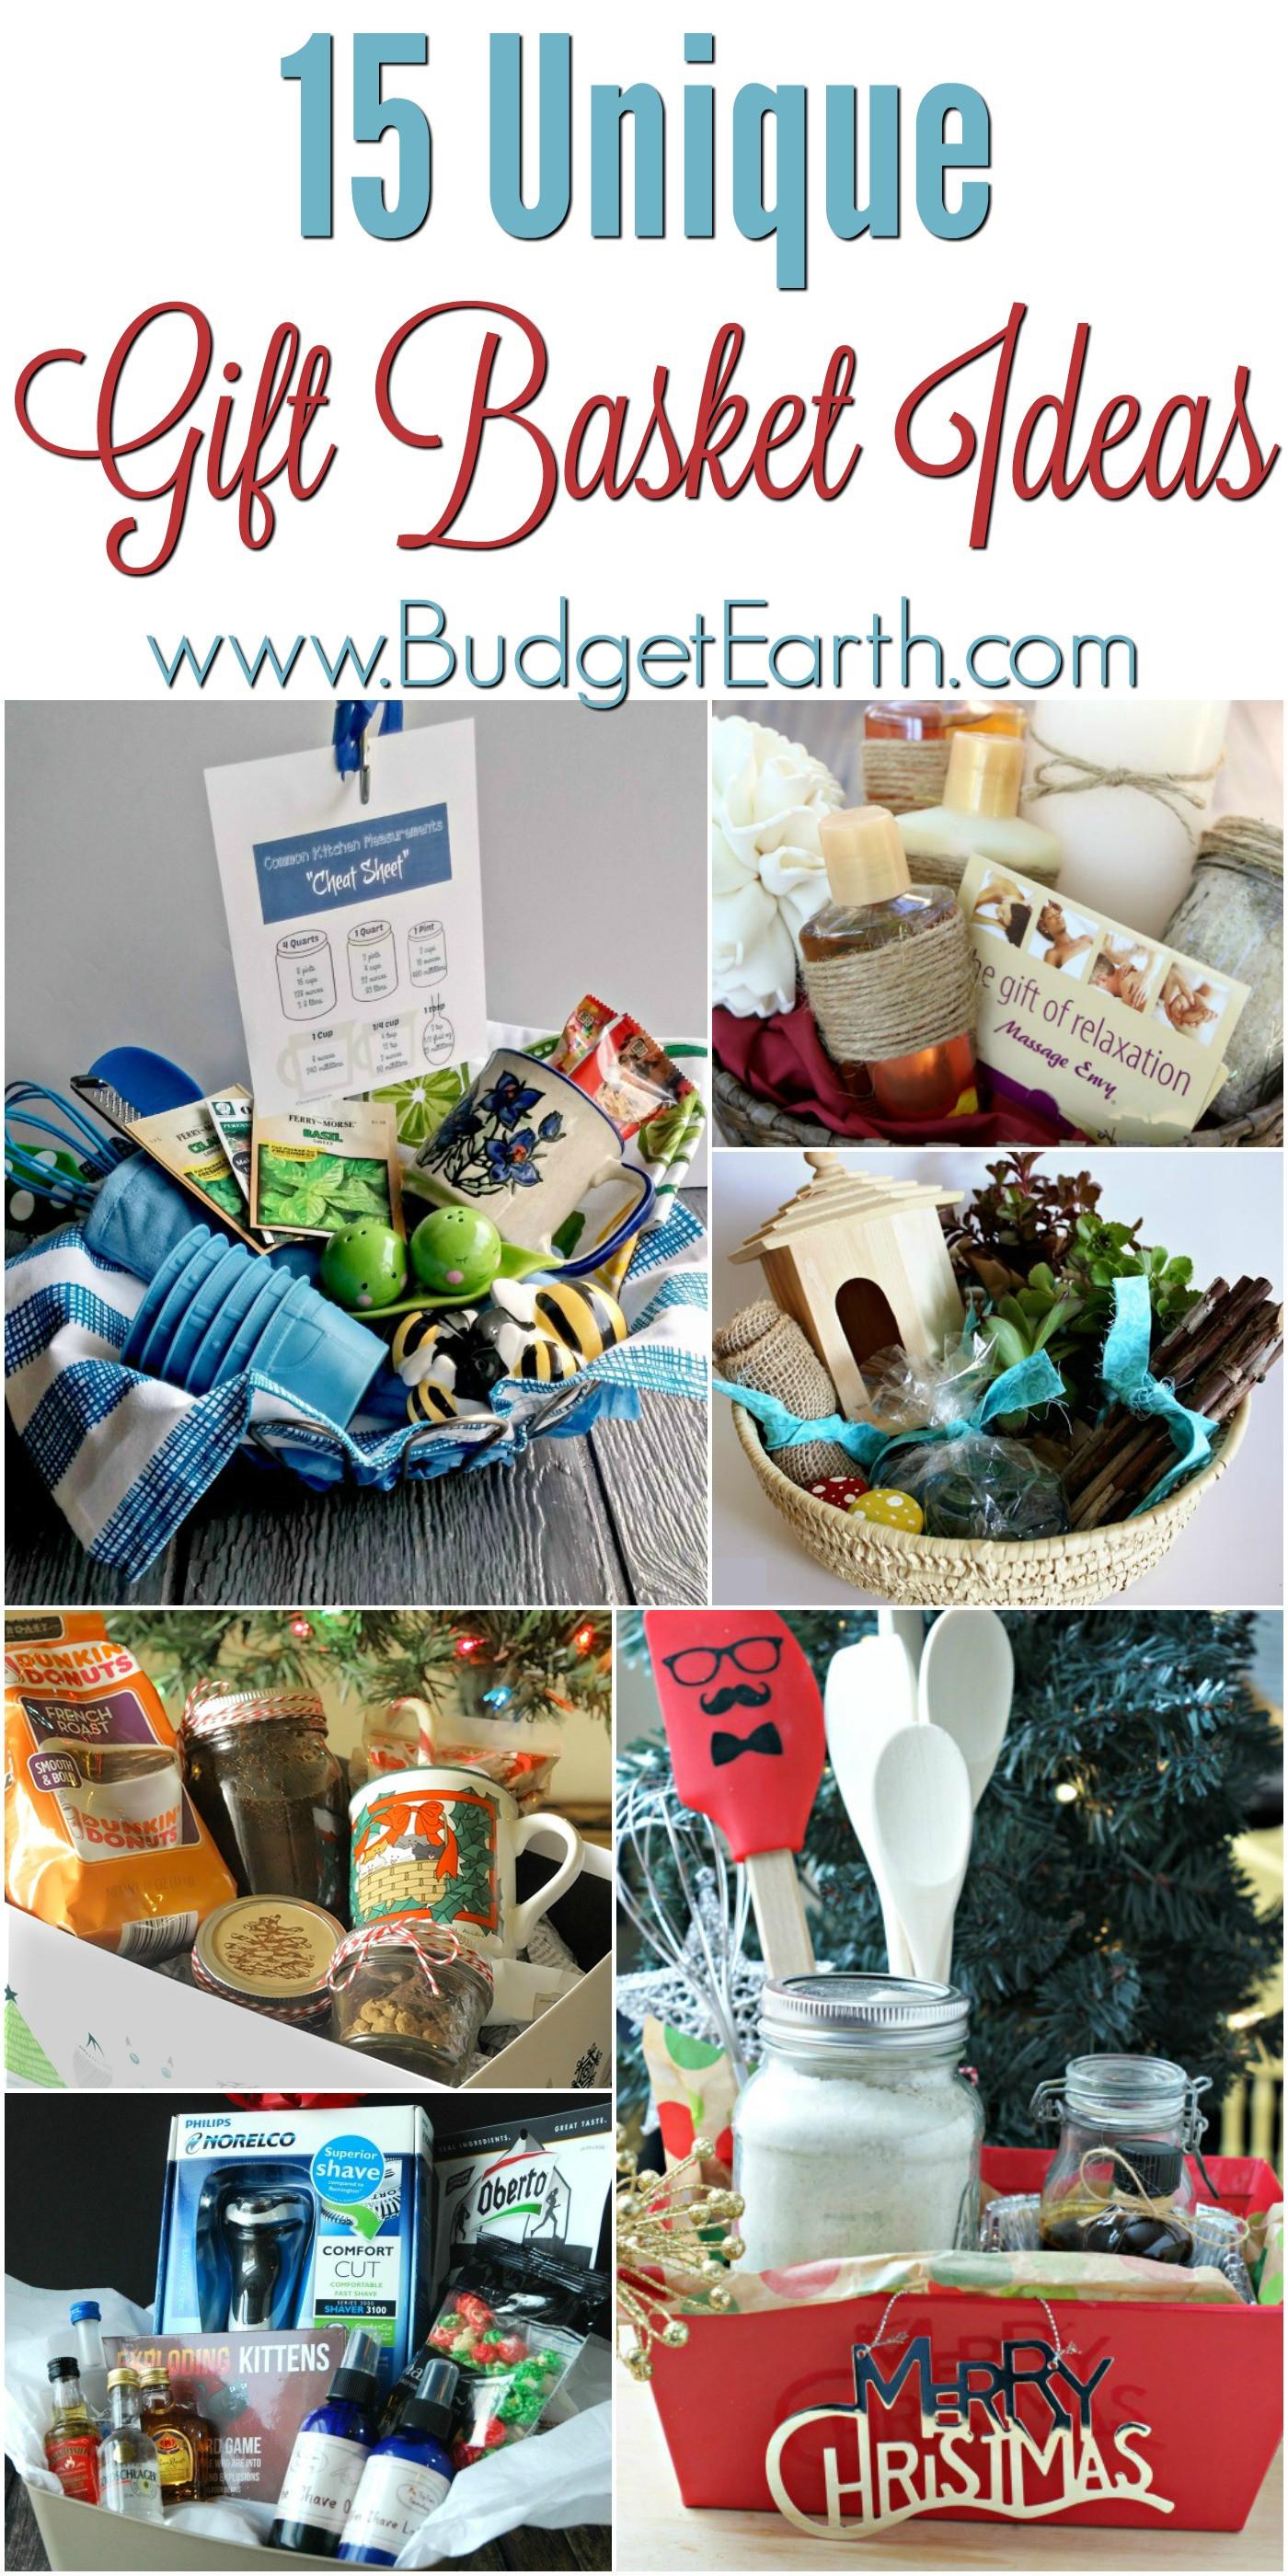 Best ideas about Unique Gift Baskets Ideas . Save or Pin 15 Unique Gift Basket Ideas Now.